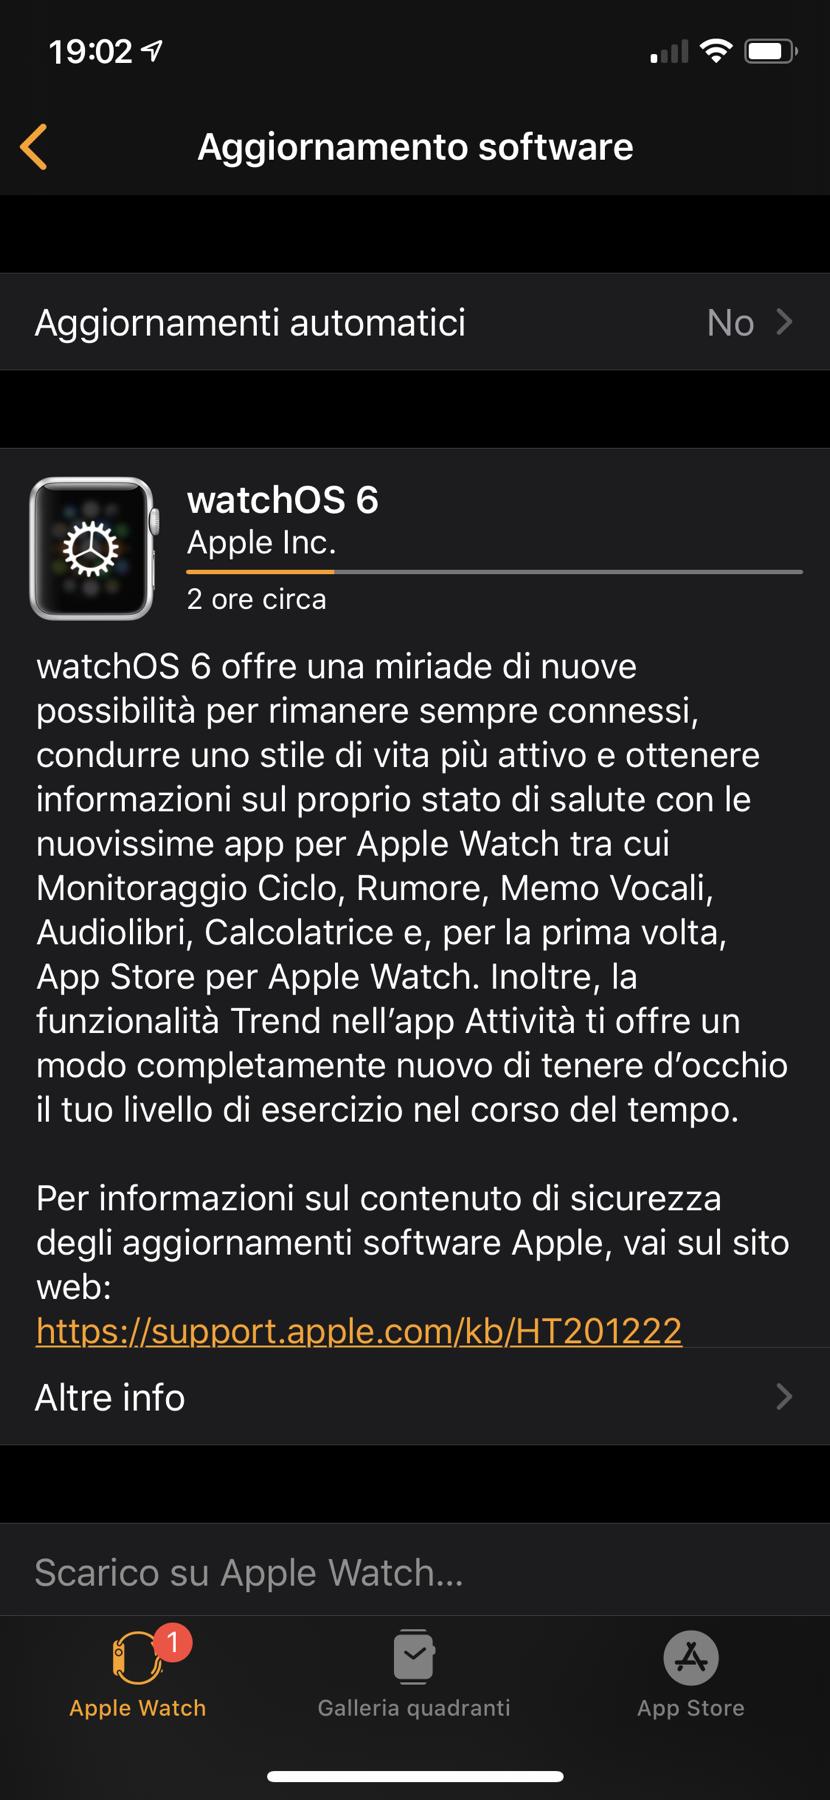 IwatchoS 6